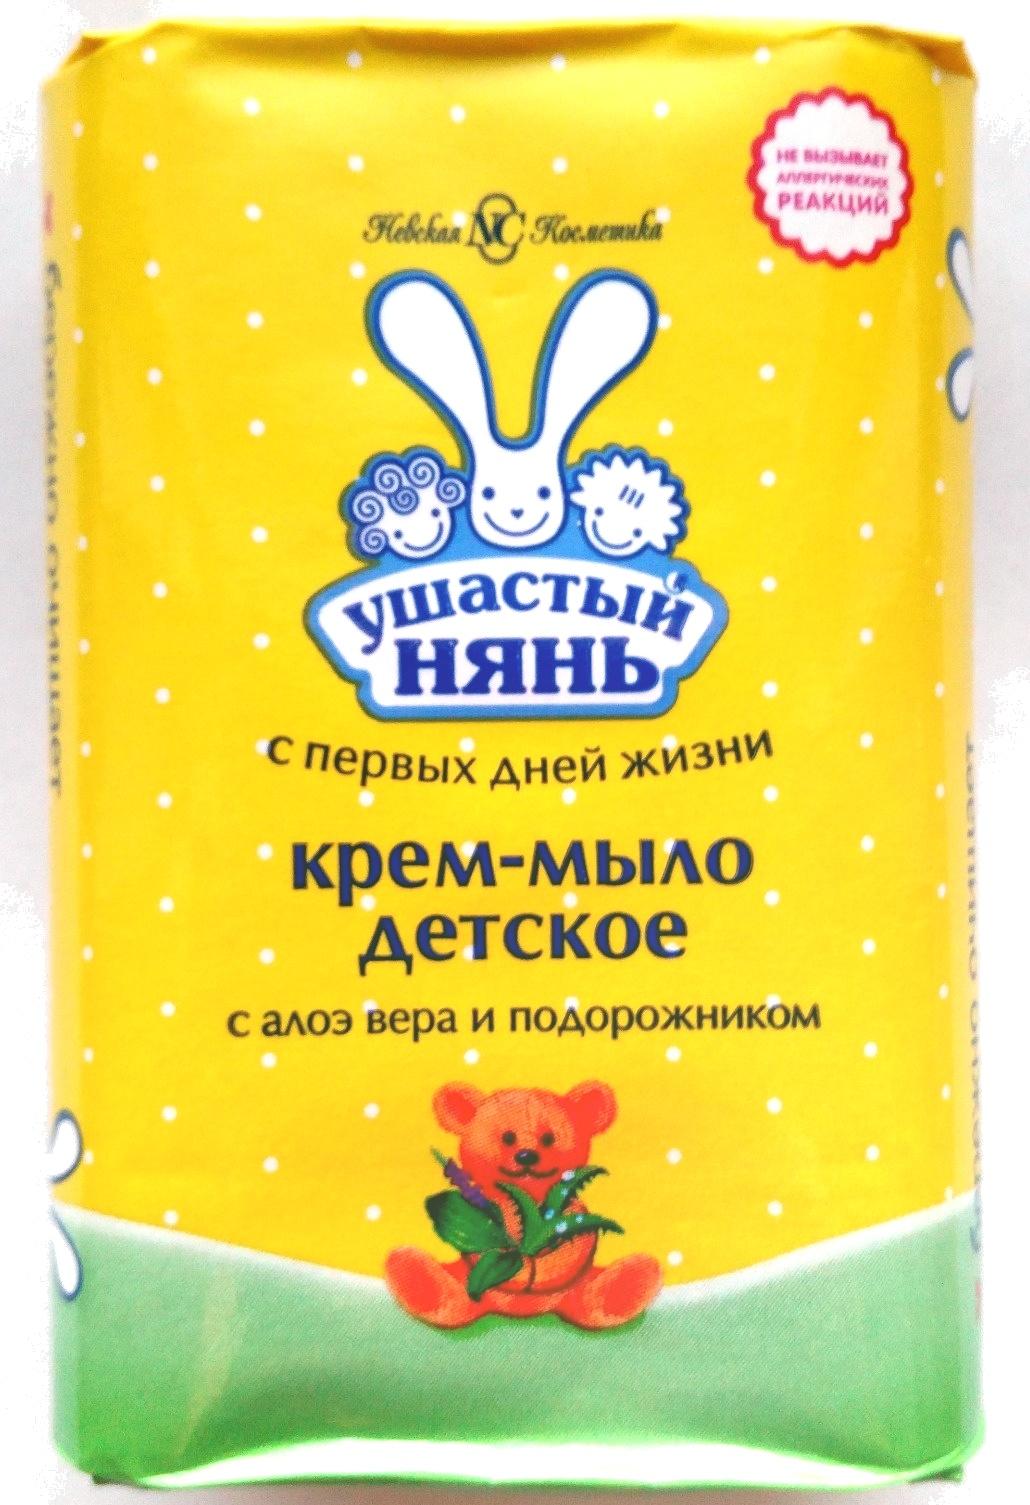 Крем-мыло детское с алоэ вера и подорожником «Ушастый нянь» - Product - ru